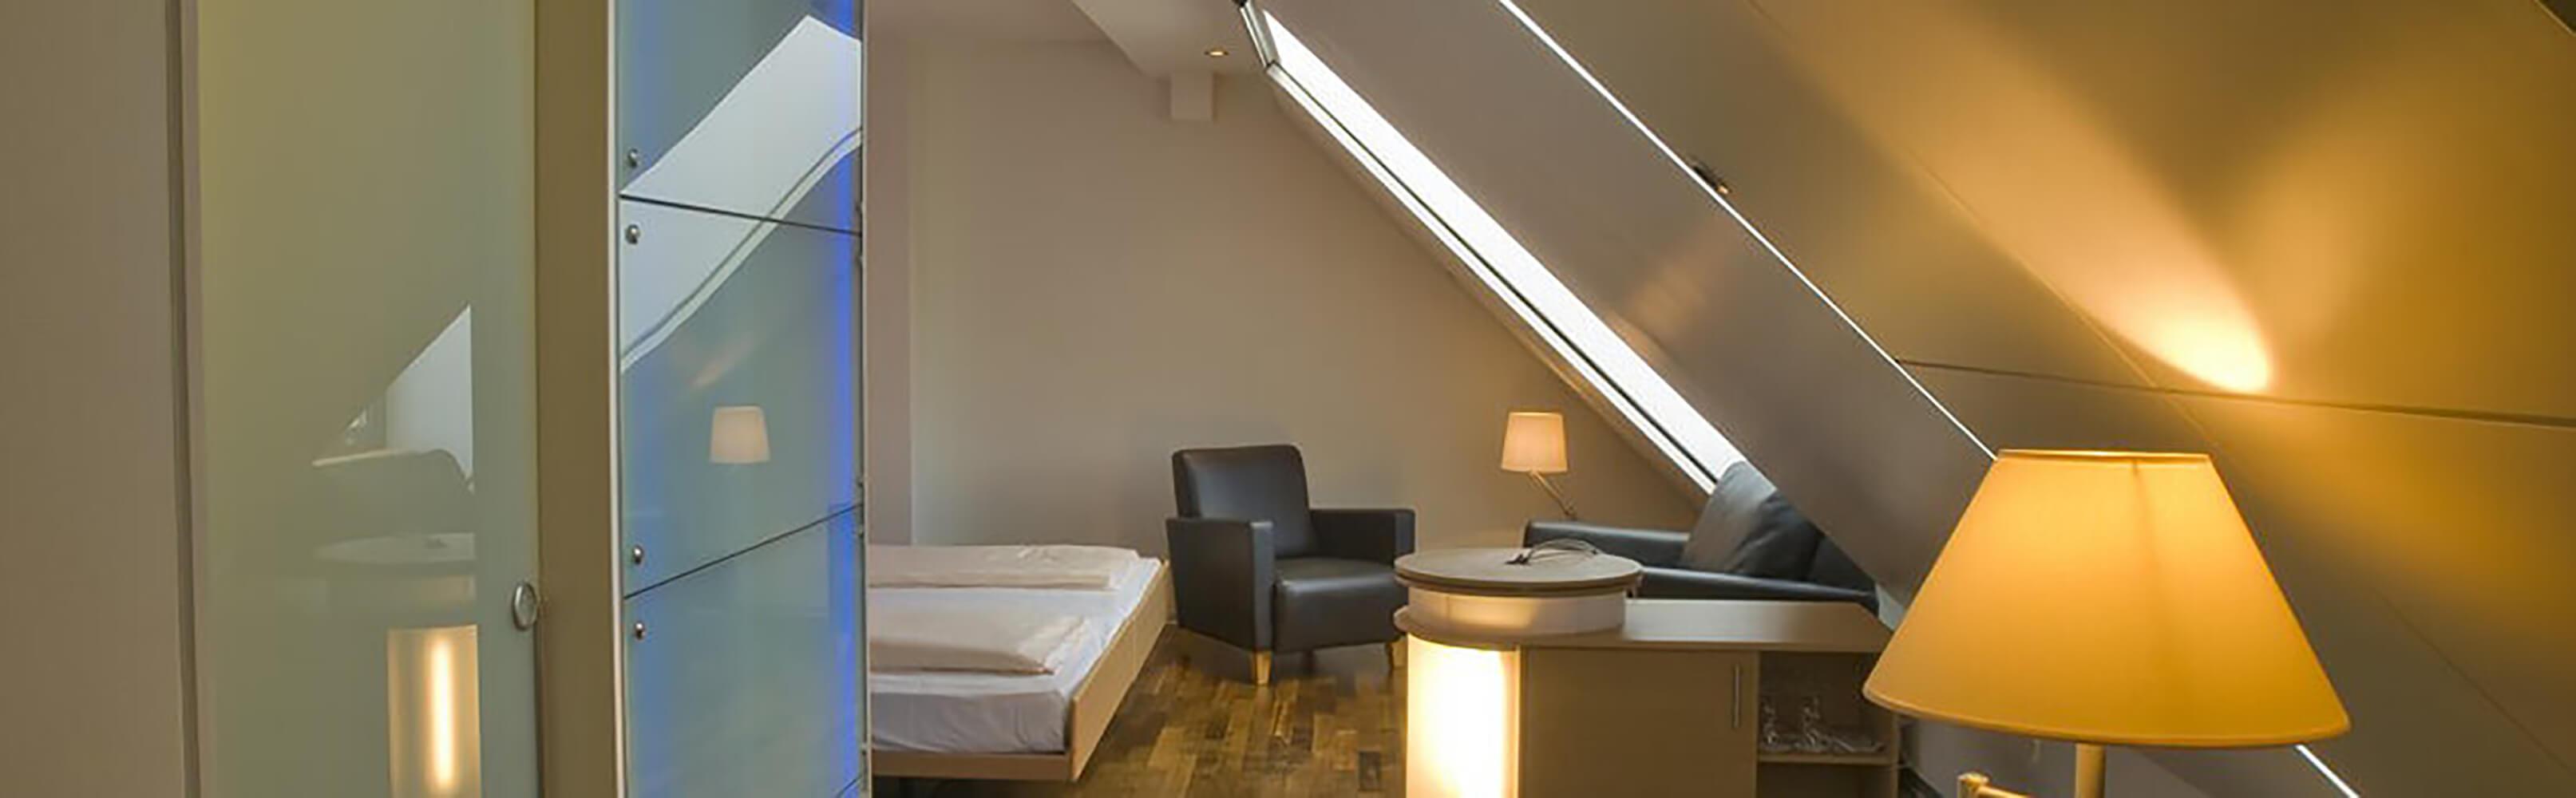 Hotel Coronado Zürich 1